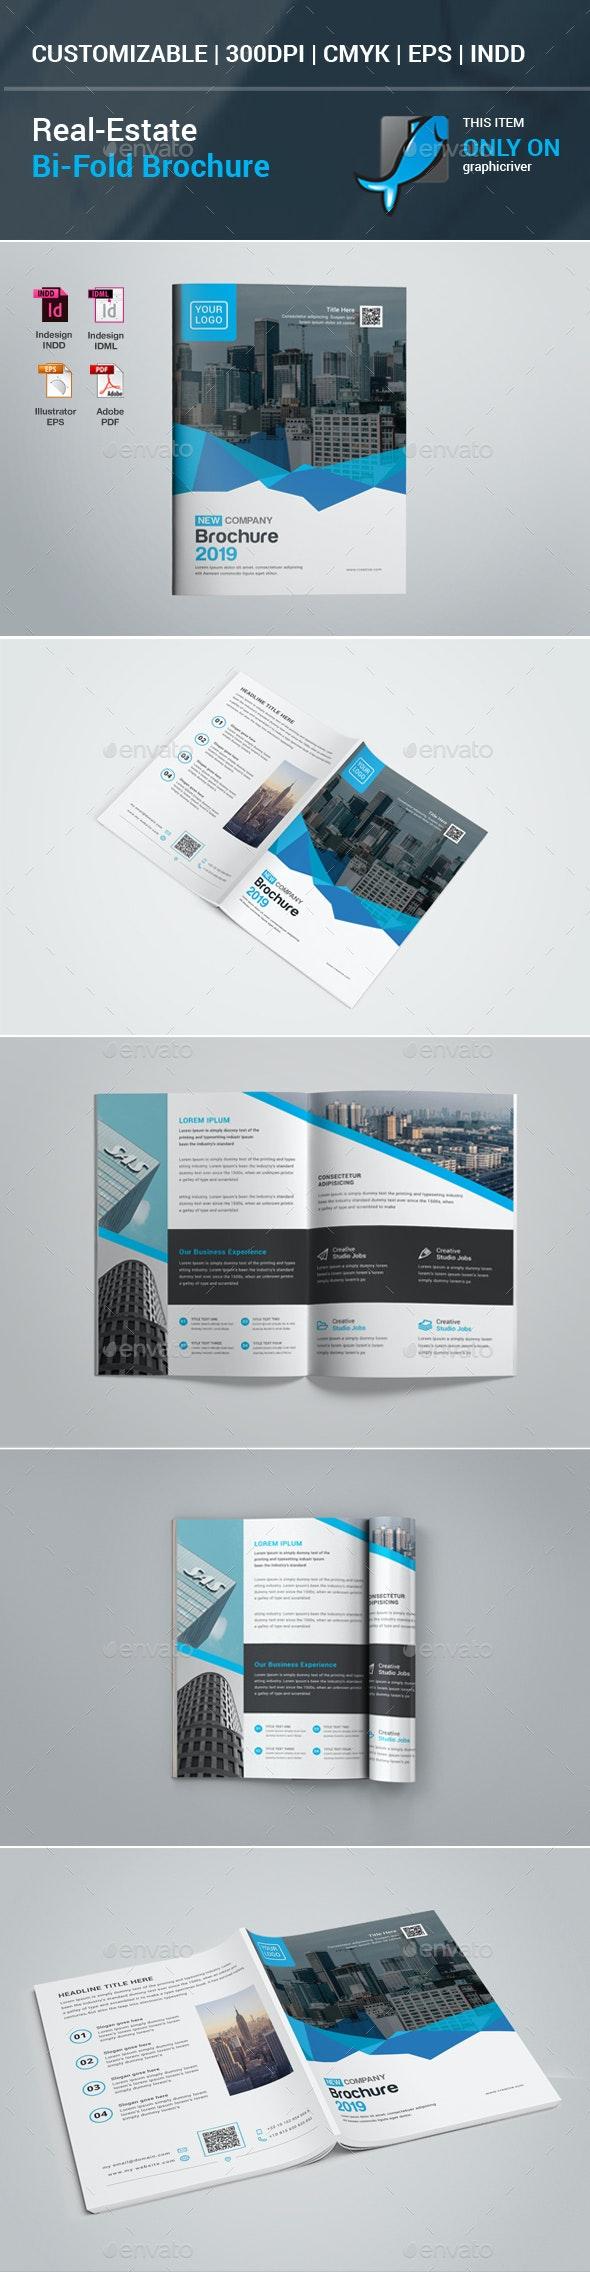 Real Estate Bifold Brochure - Corporate Brochures